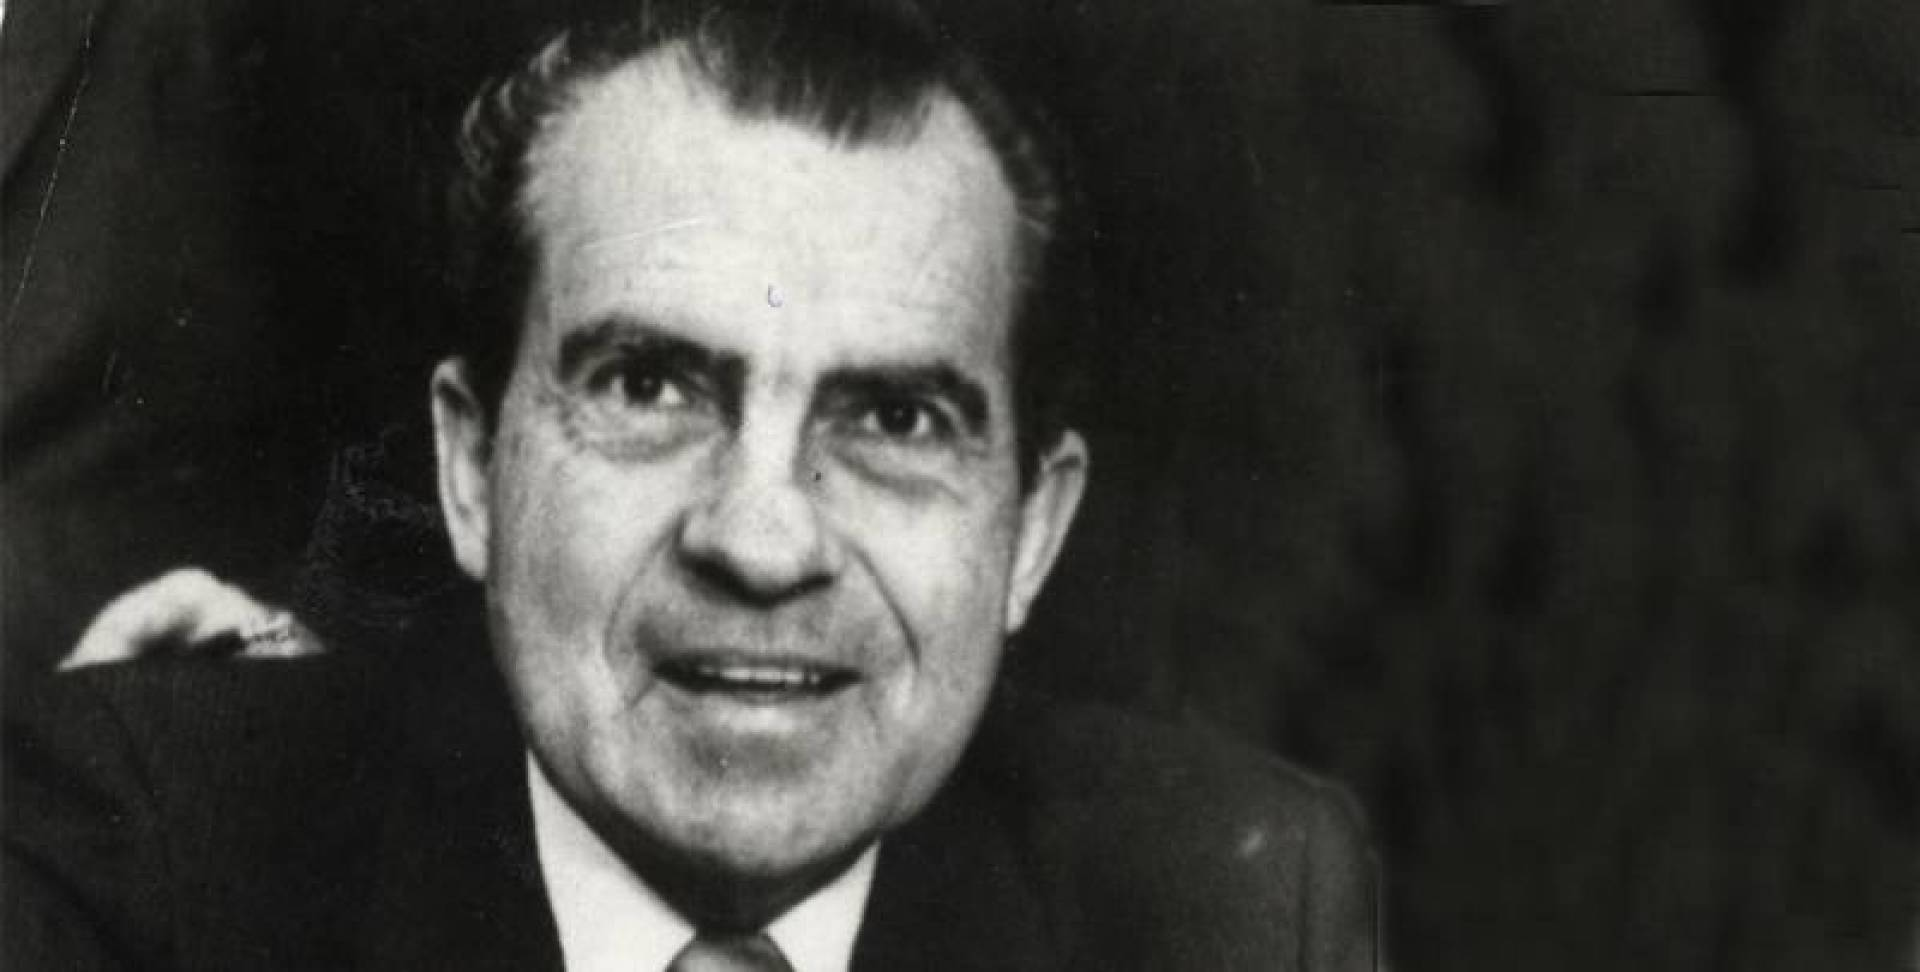 الرئيس الاميركي ريشارد نيكسون.. أرشيفية